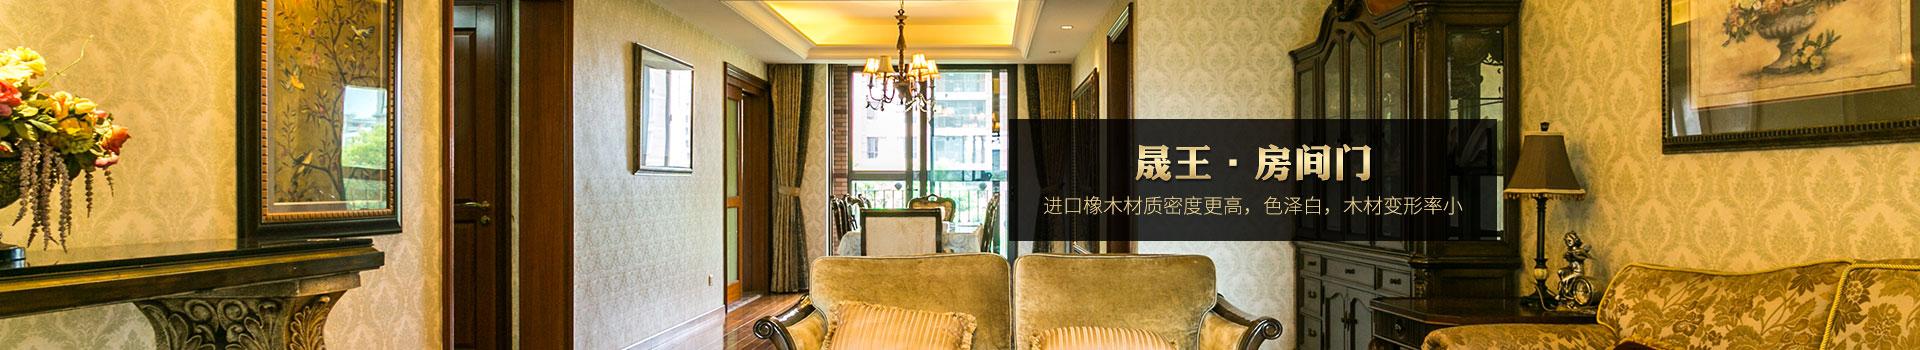 晟王门窗房间门-进口橡木材质密度更高,色泽白,木材变形率小